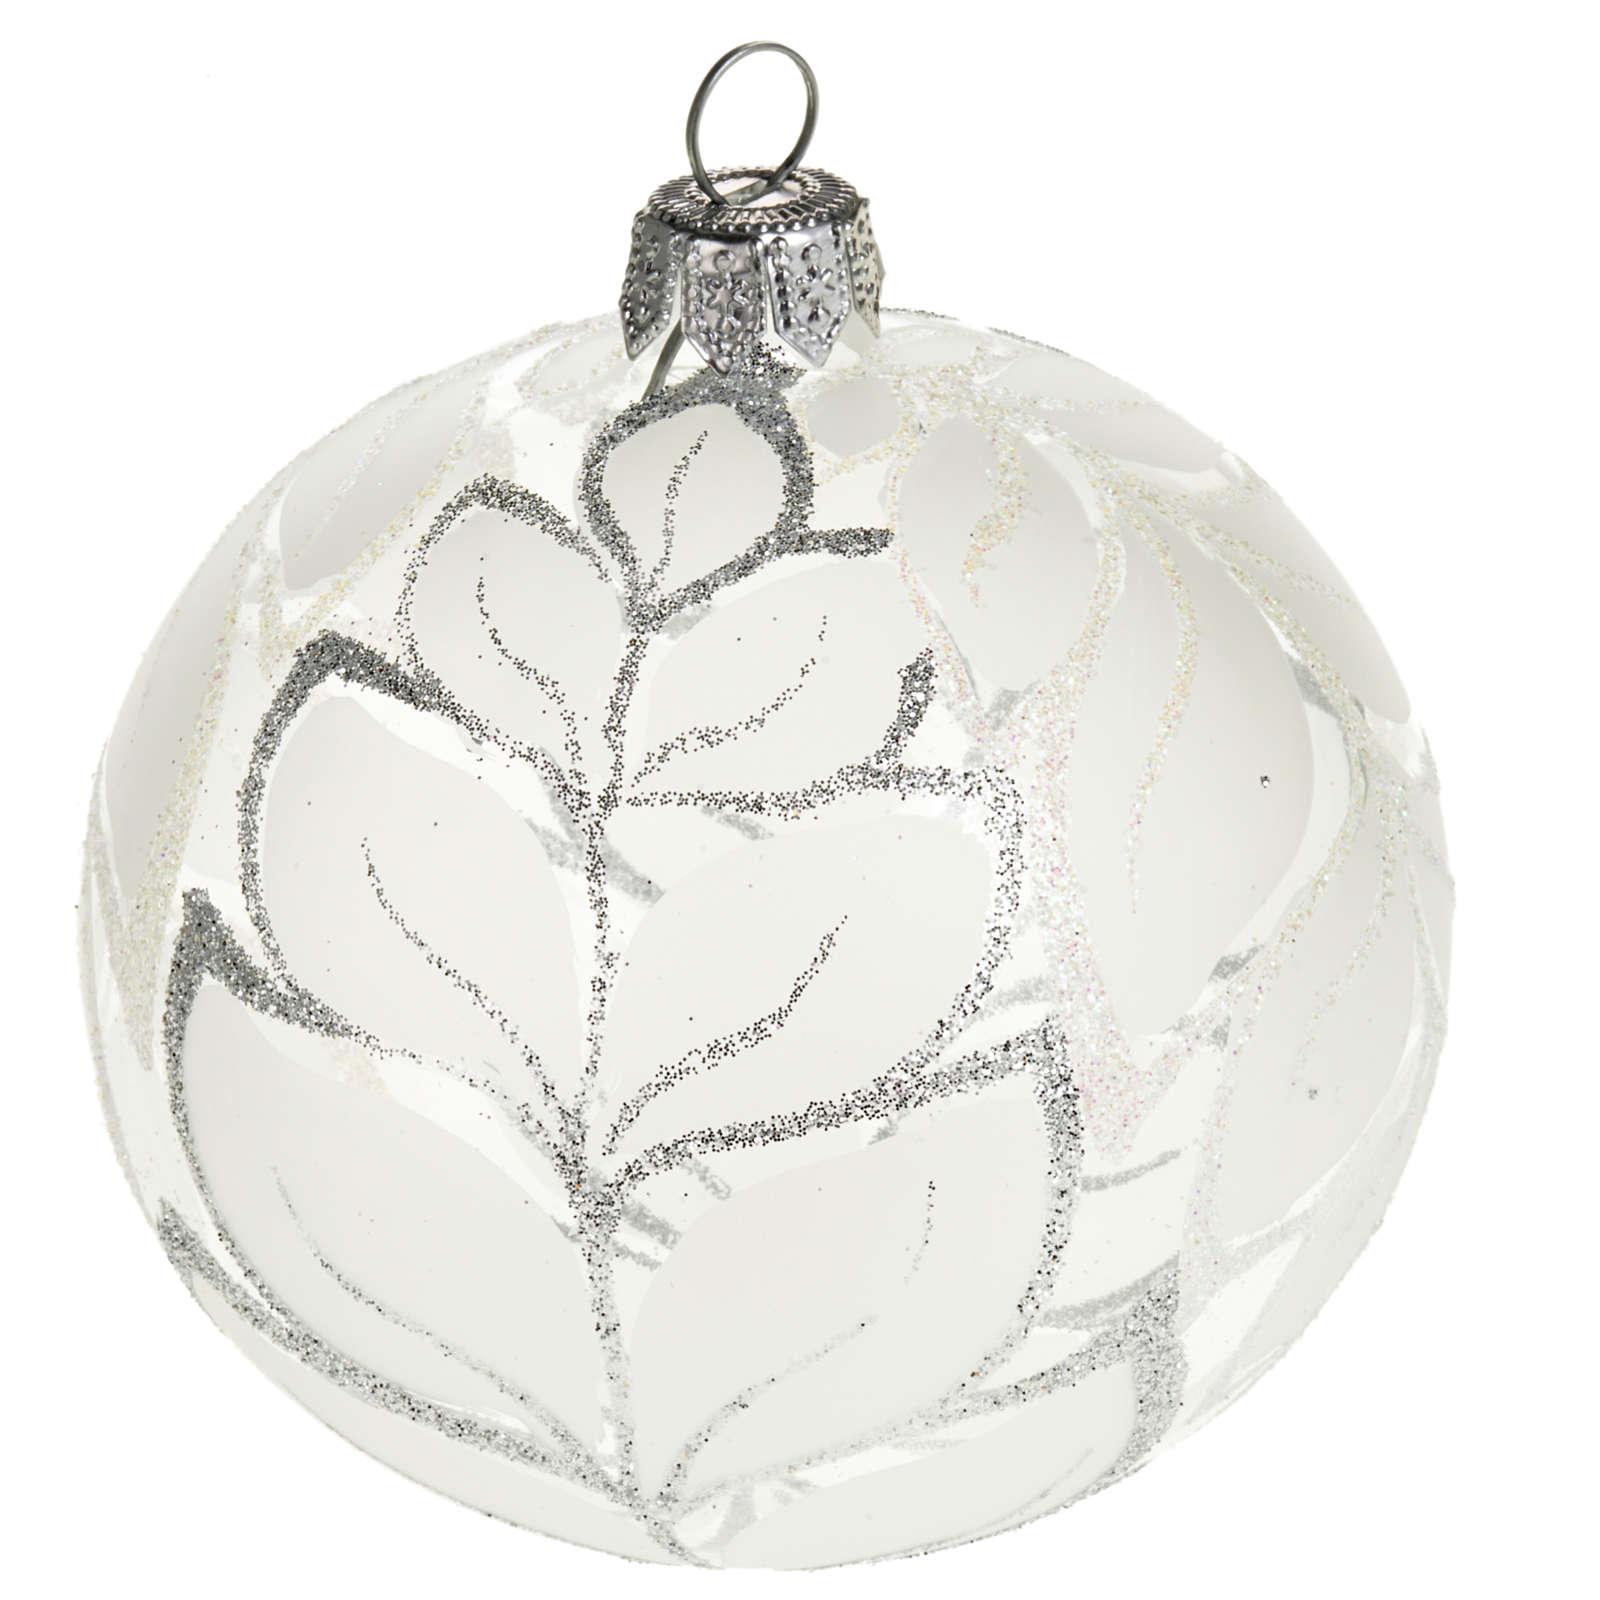 Decoro Albero Natale, palla vetro decori argentati 8 cm 4